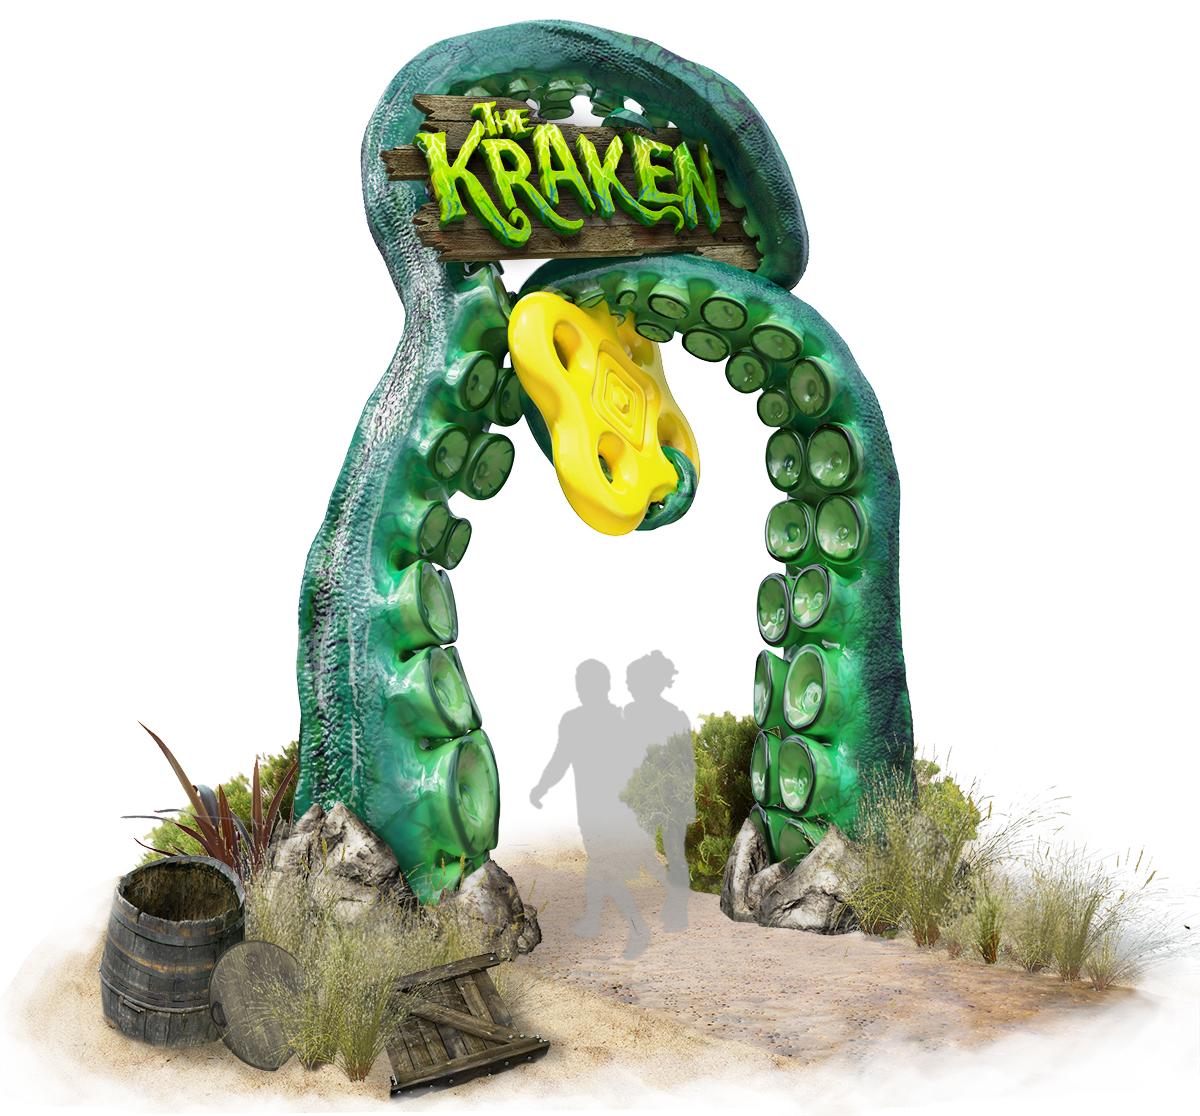 krakenentry.jpg